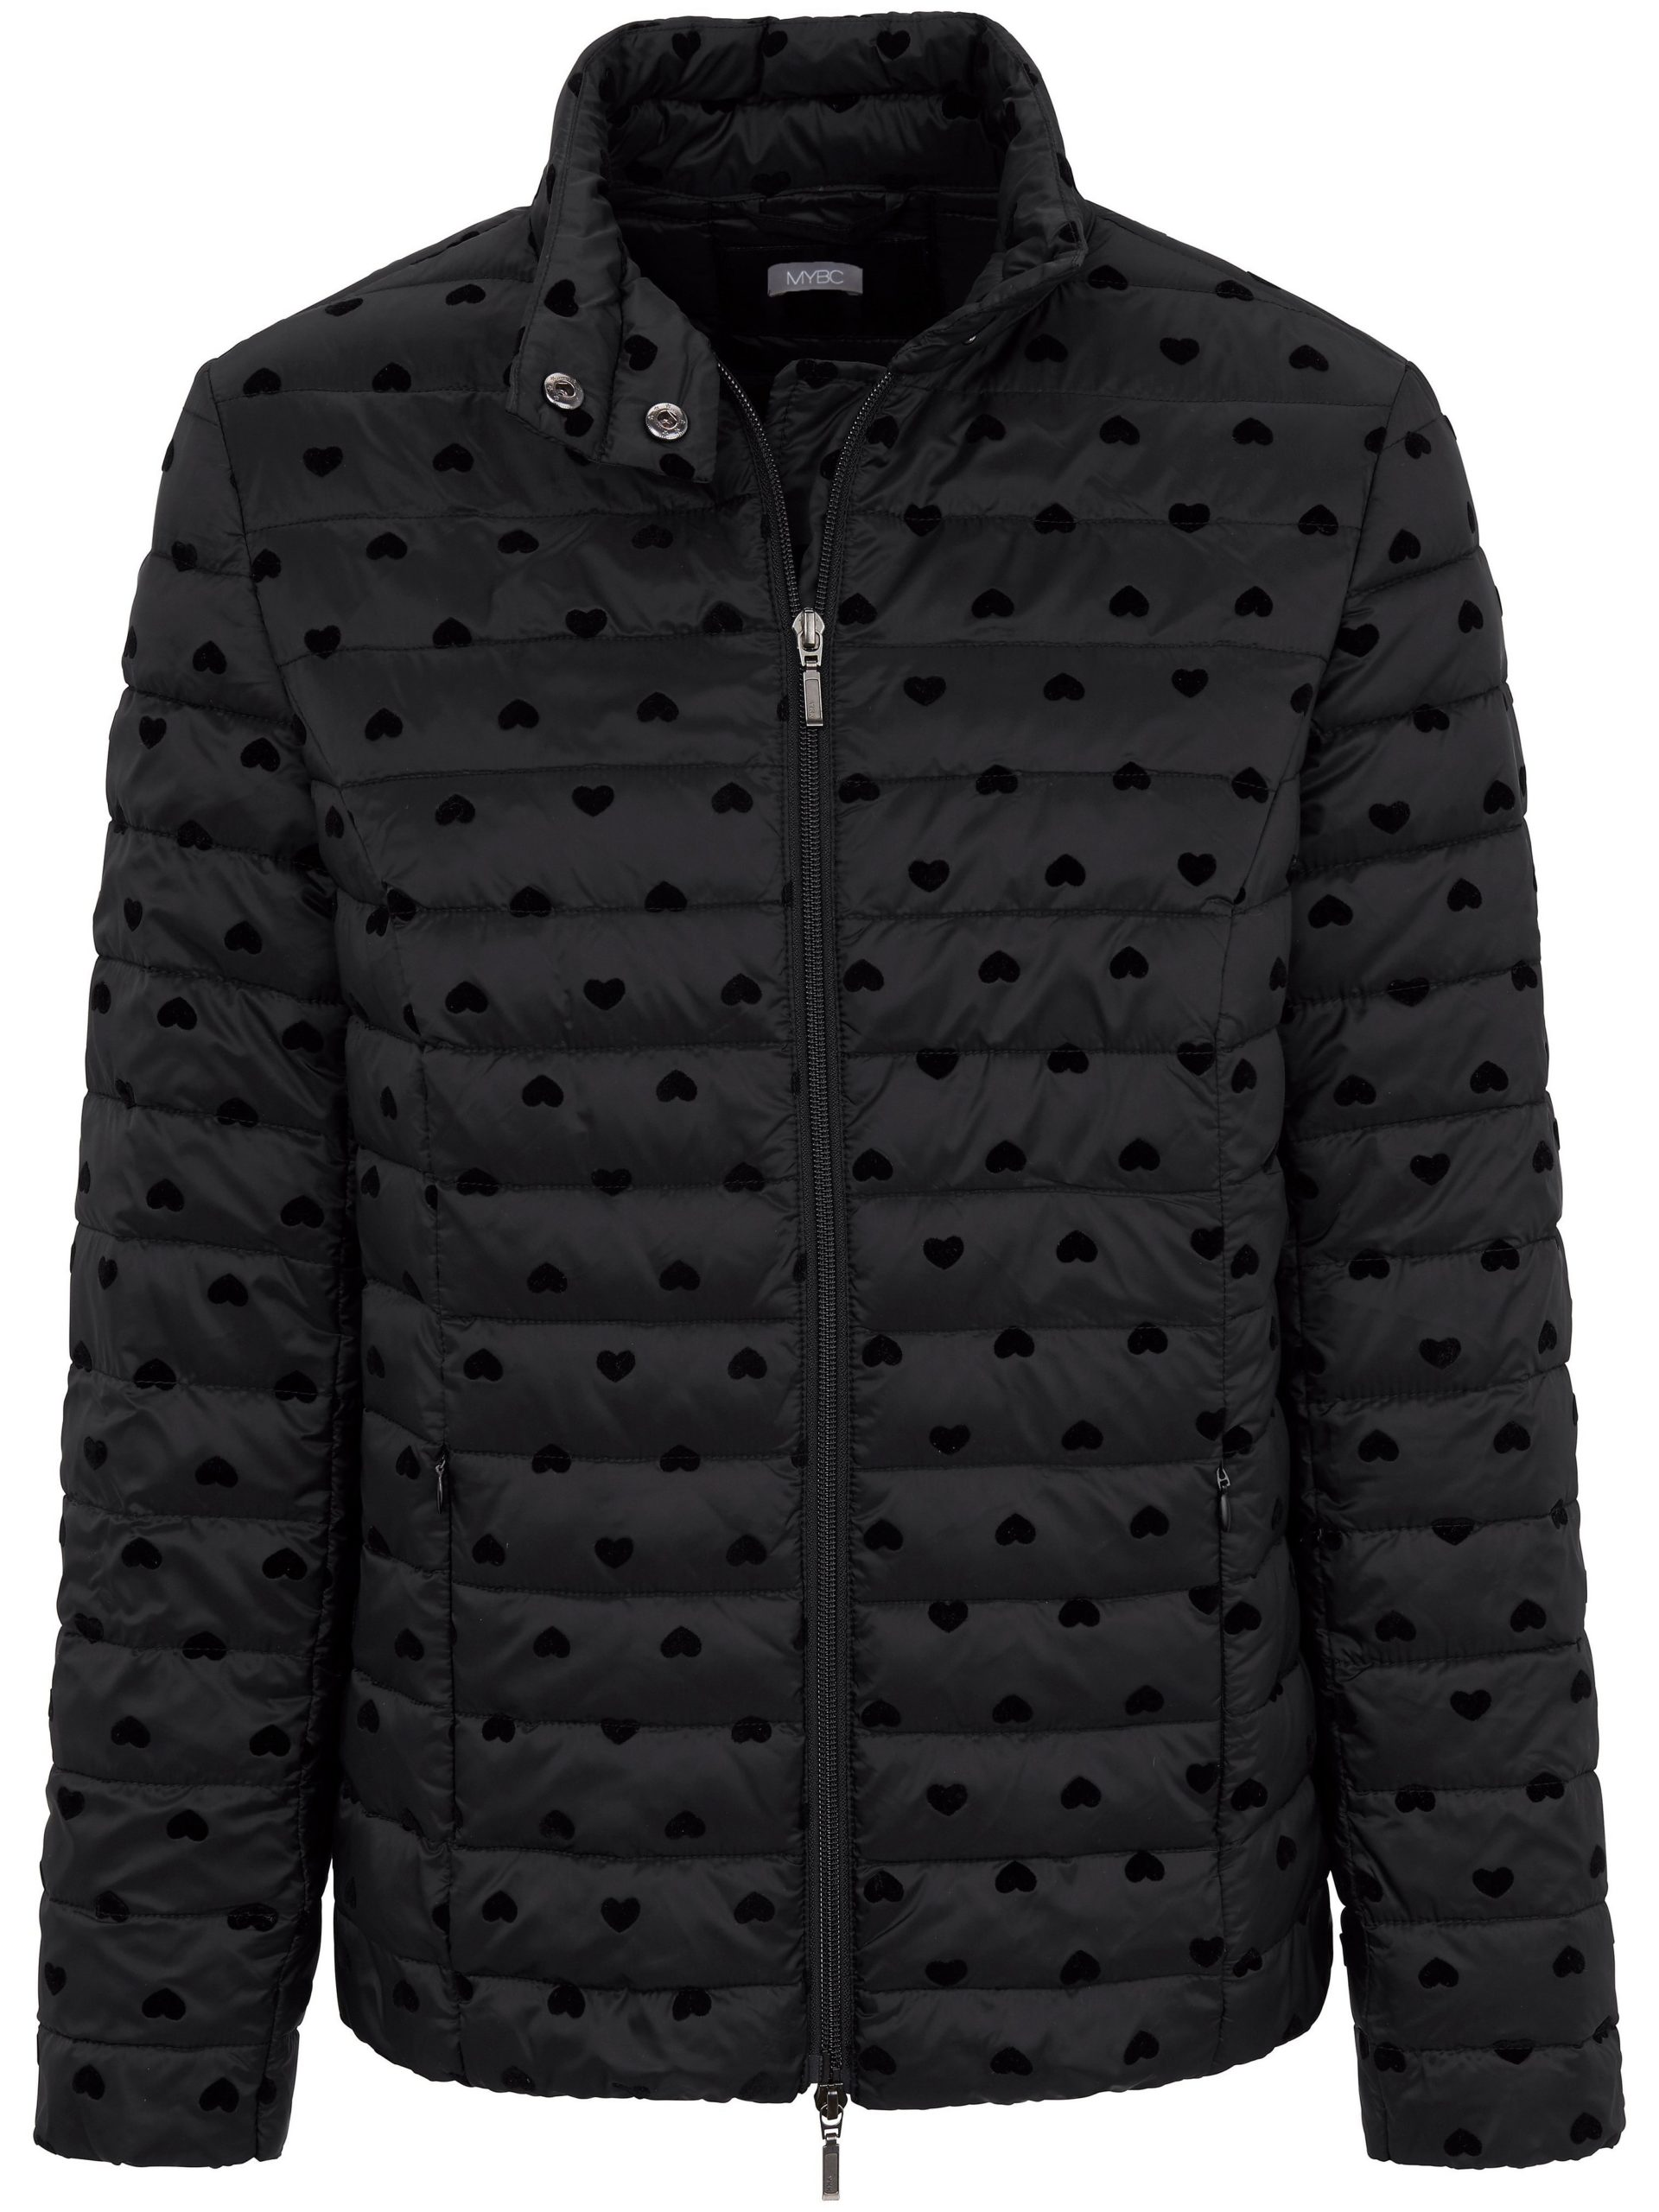 Gewatteerde jas Van MYBC zwart Kopen